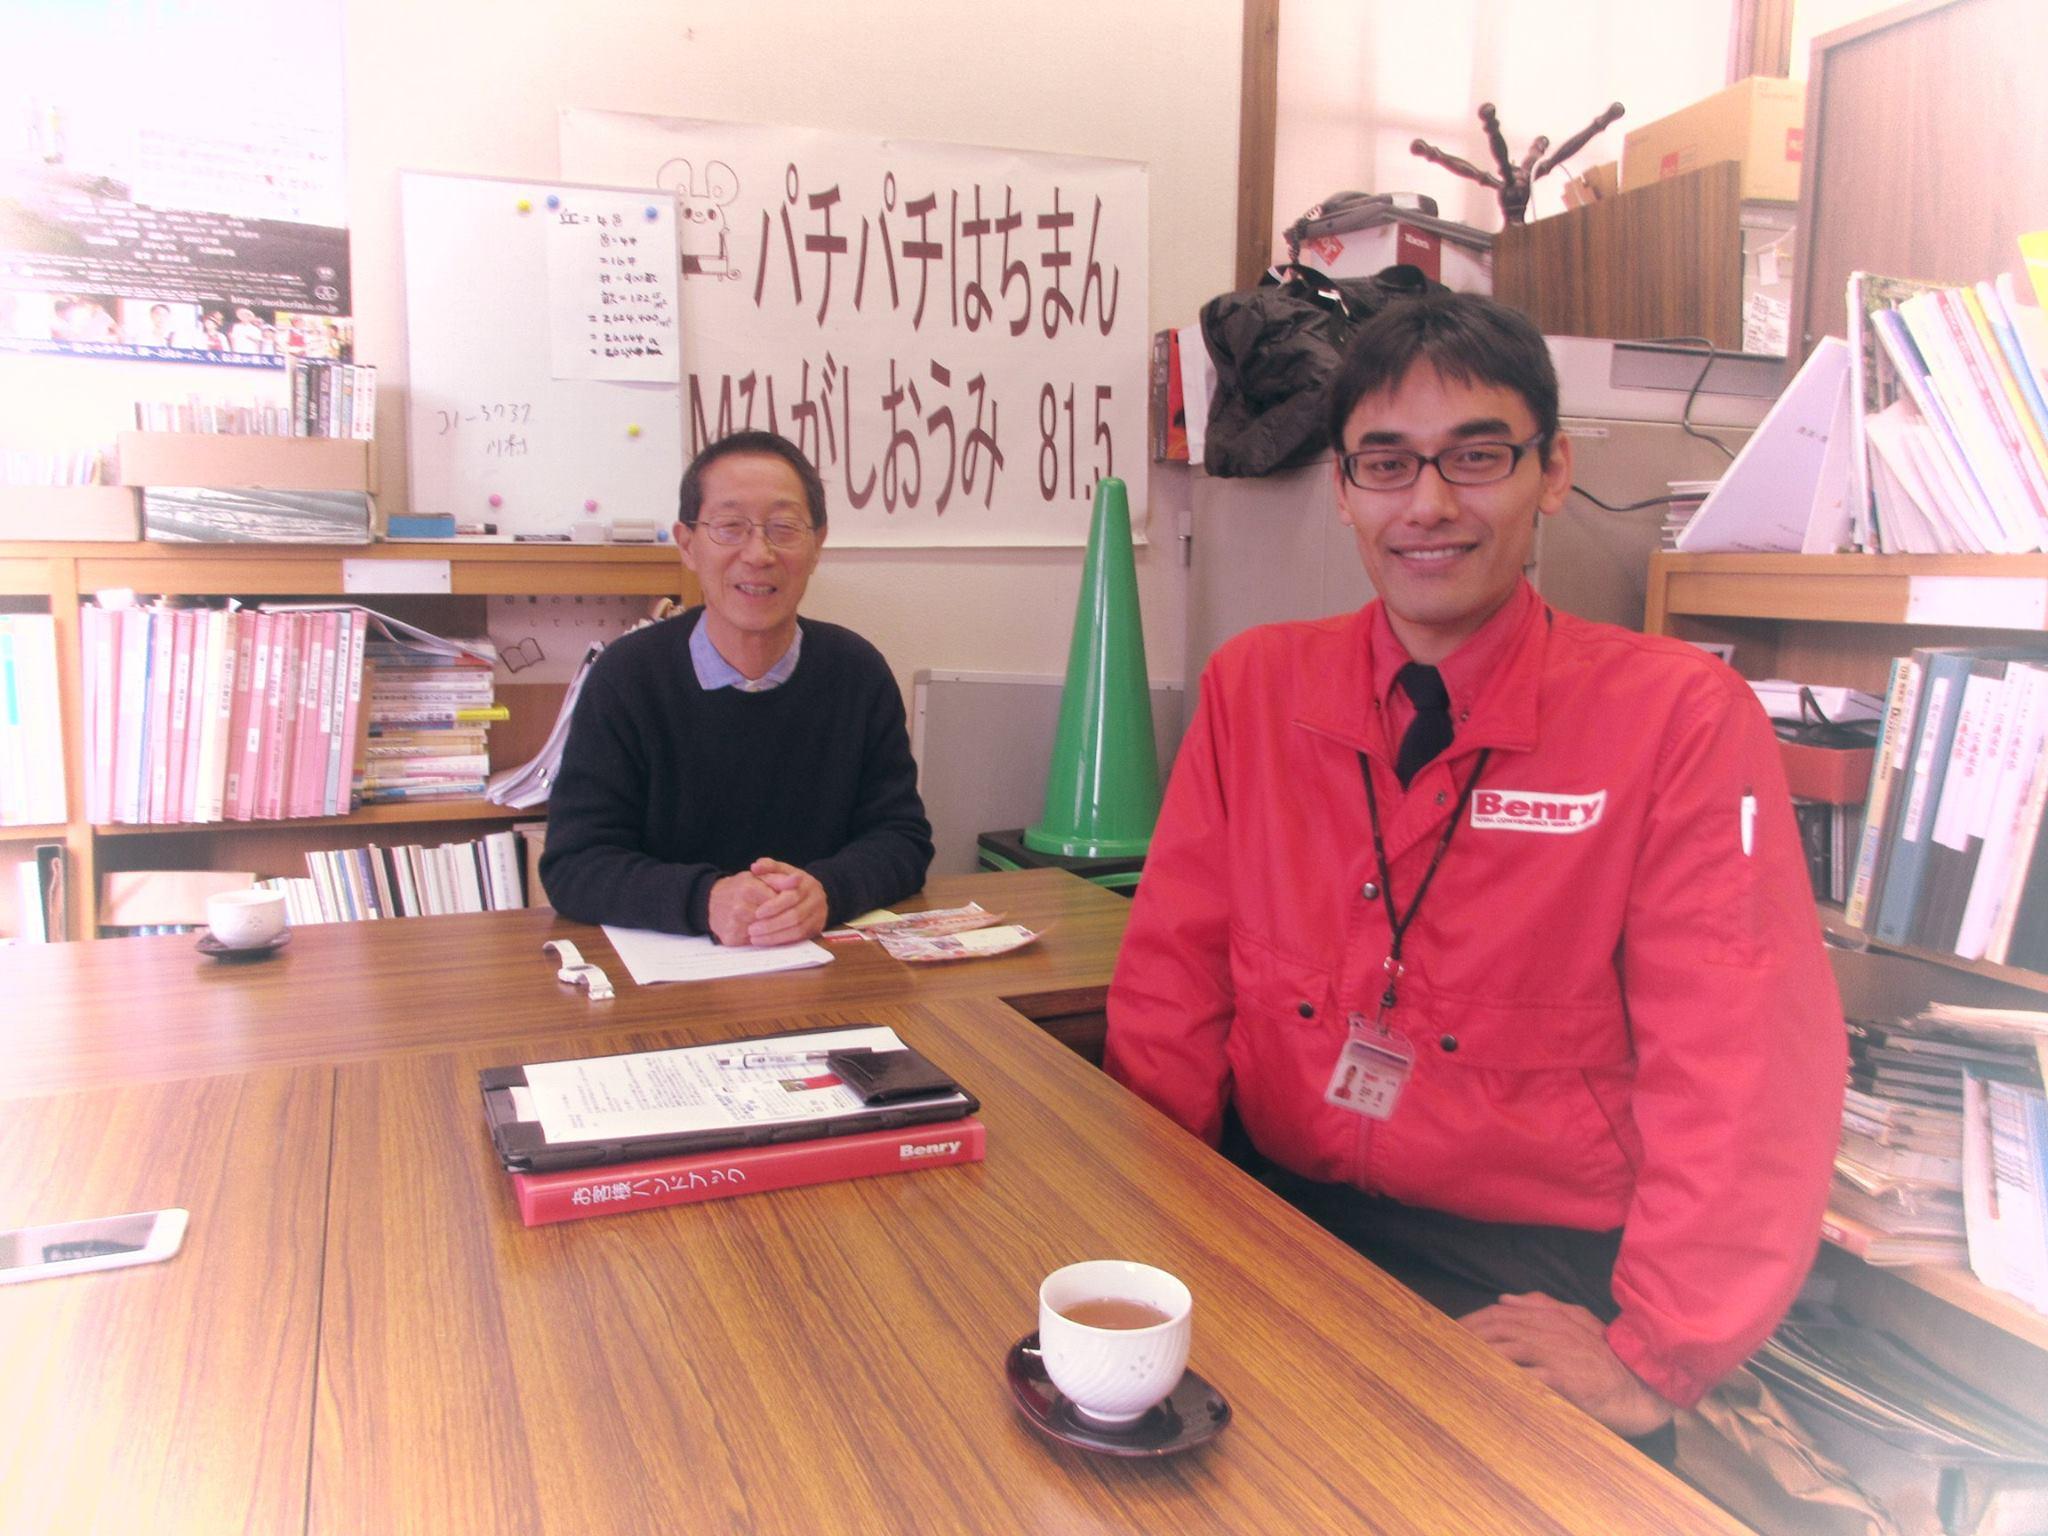 Benry(ベンリー)近江八幡店の田中さんにご出演いただきました。